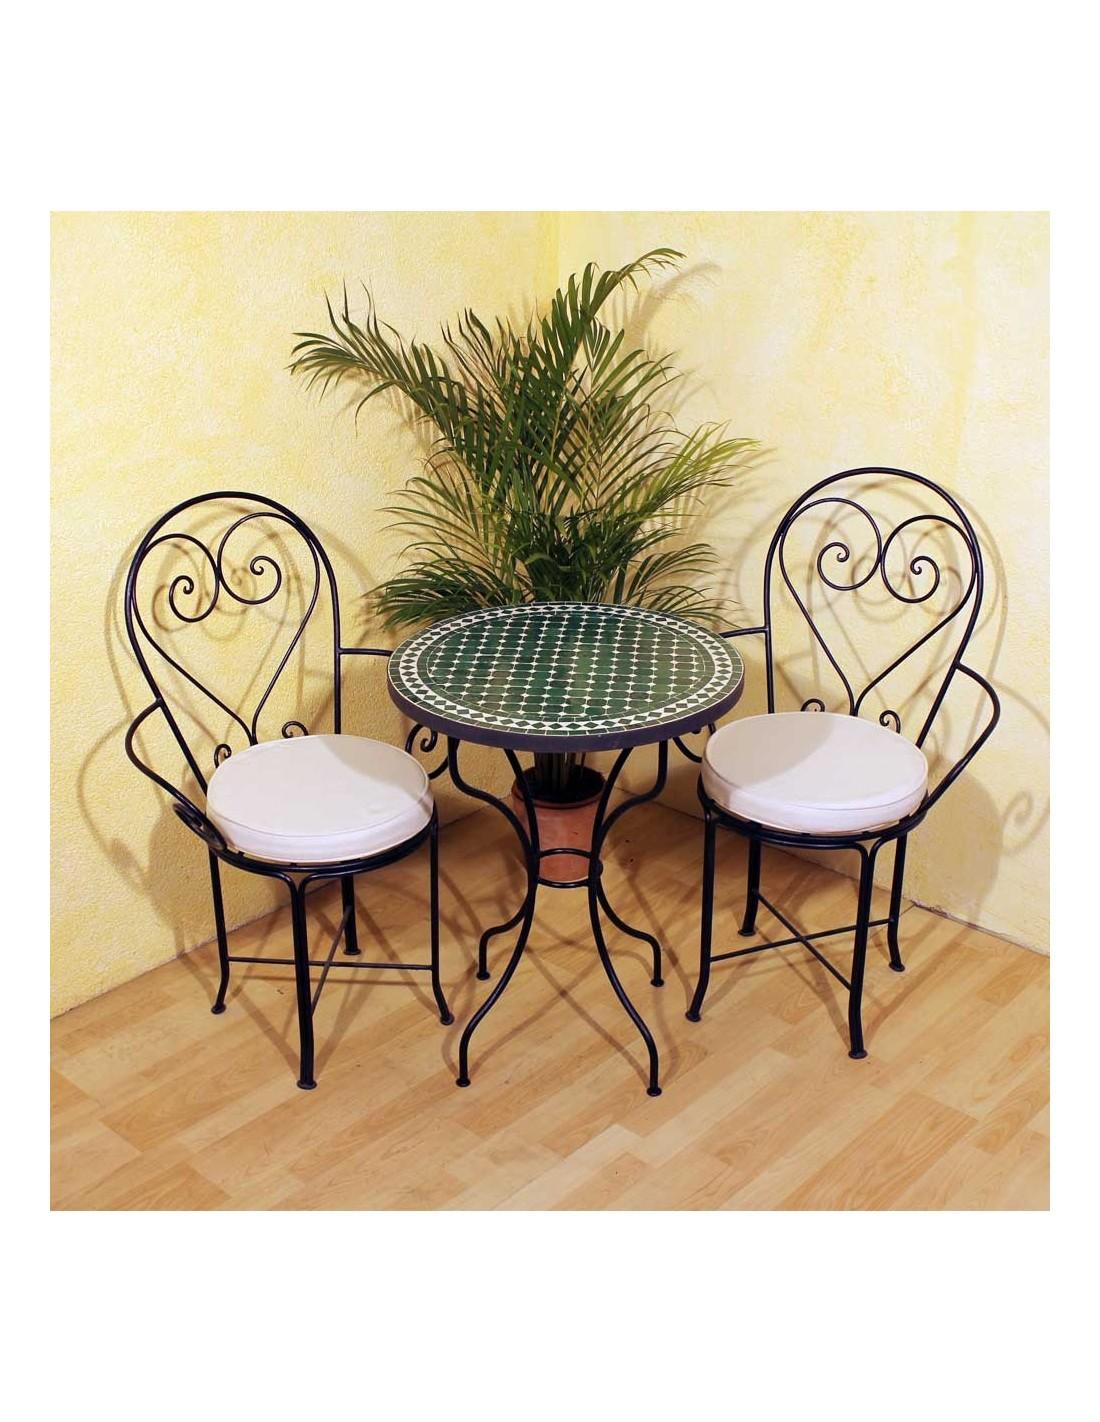 mosaiktisch hamra 60cm rund bei albena marokko galerie. Black Bedroom Furniture Sets. Home Design Ideas